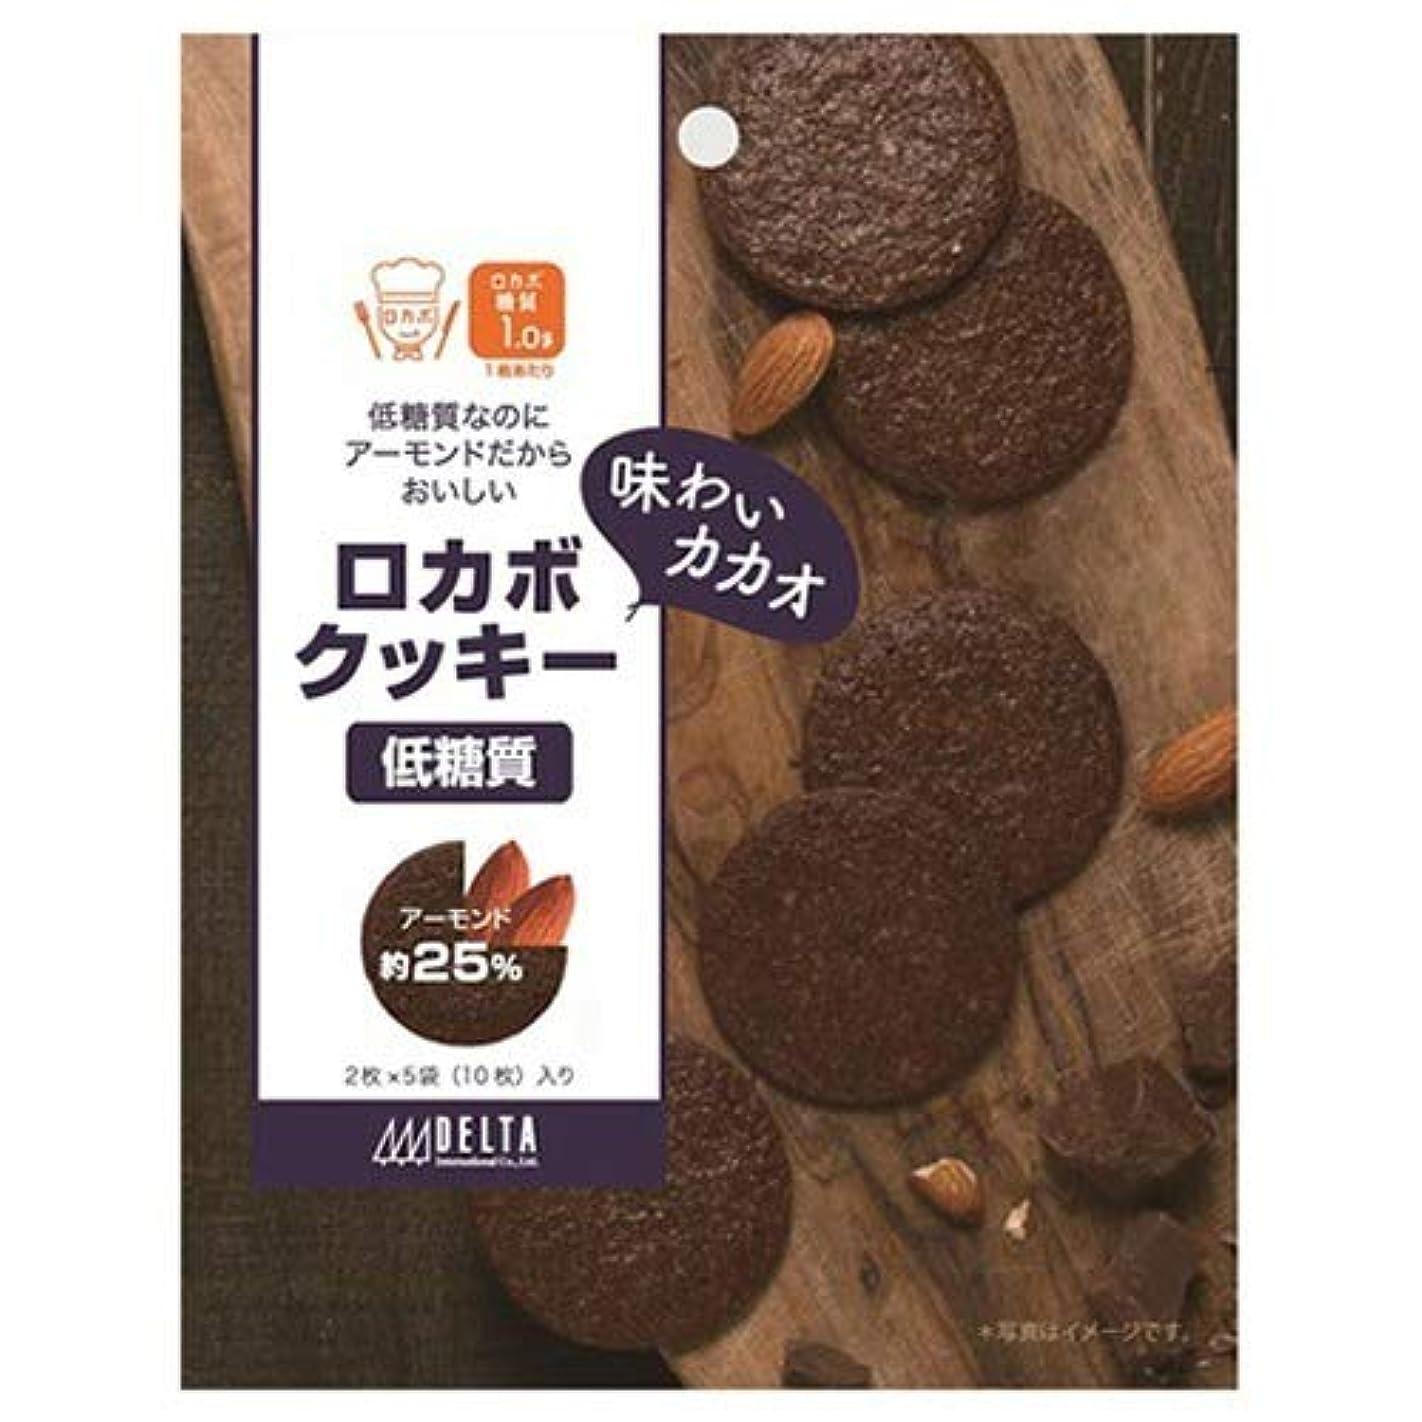 苗オークランド靴下ロカボクッキー味わいカカオ 10枚